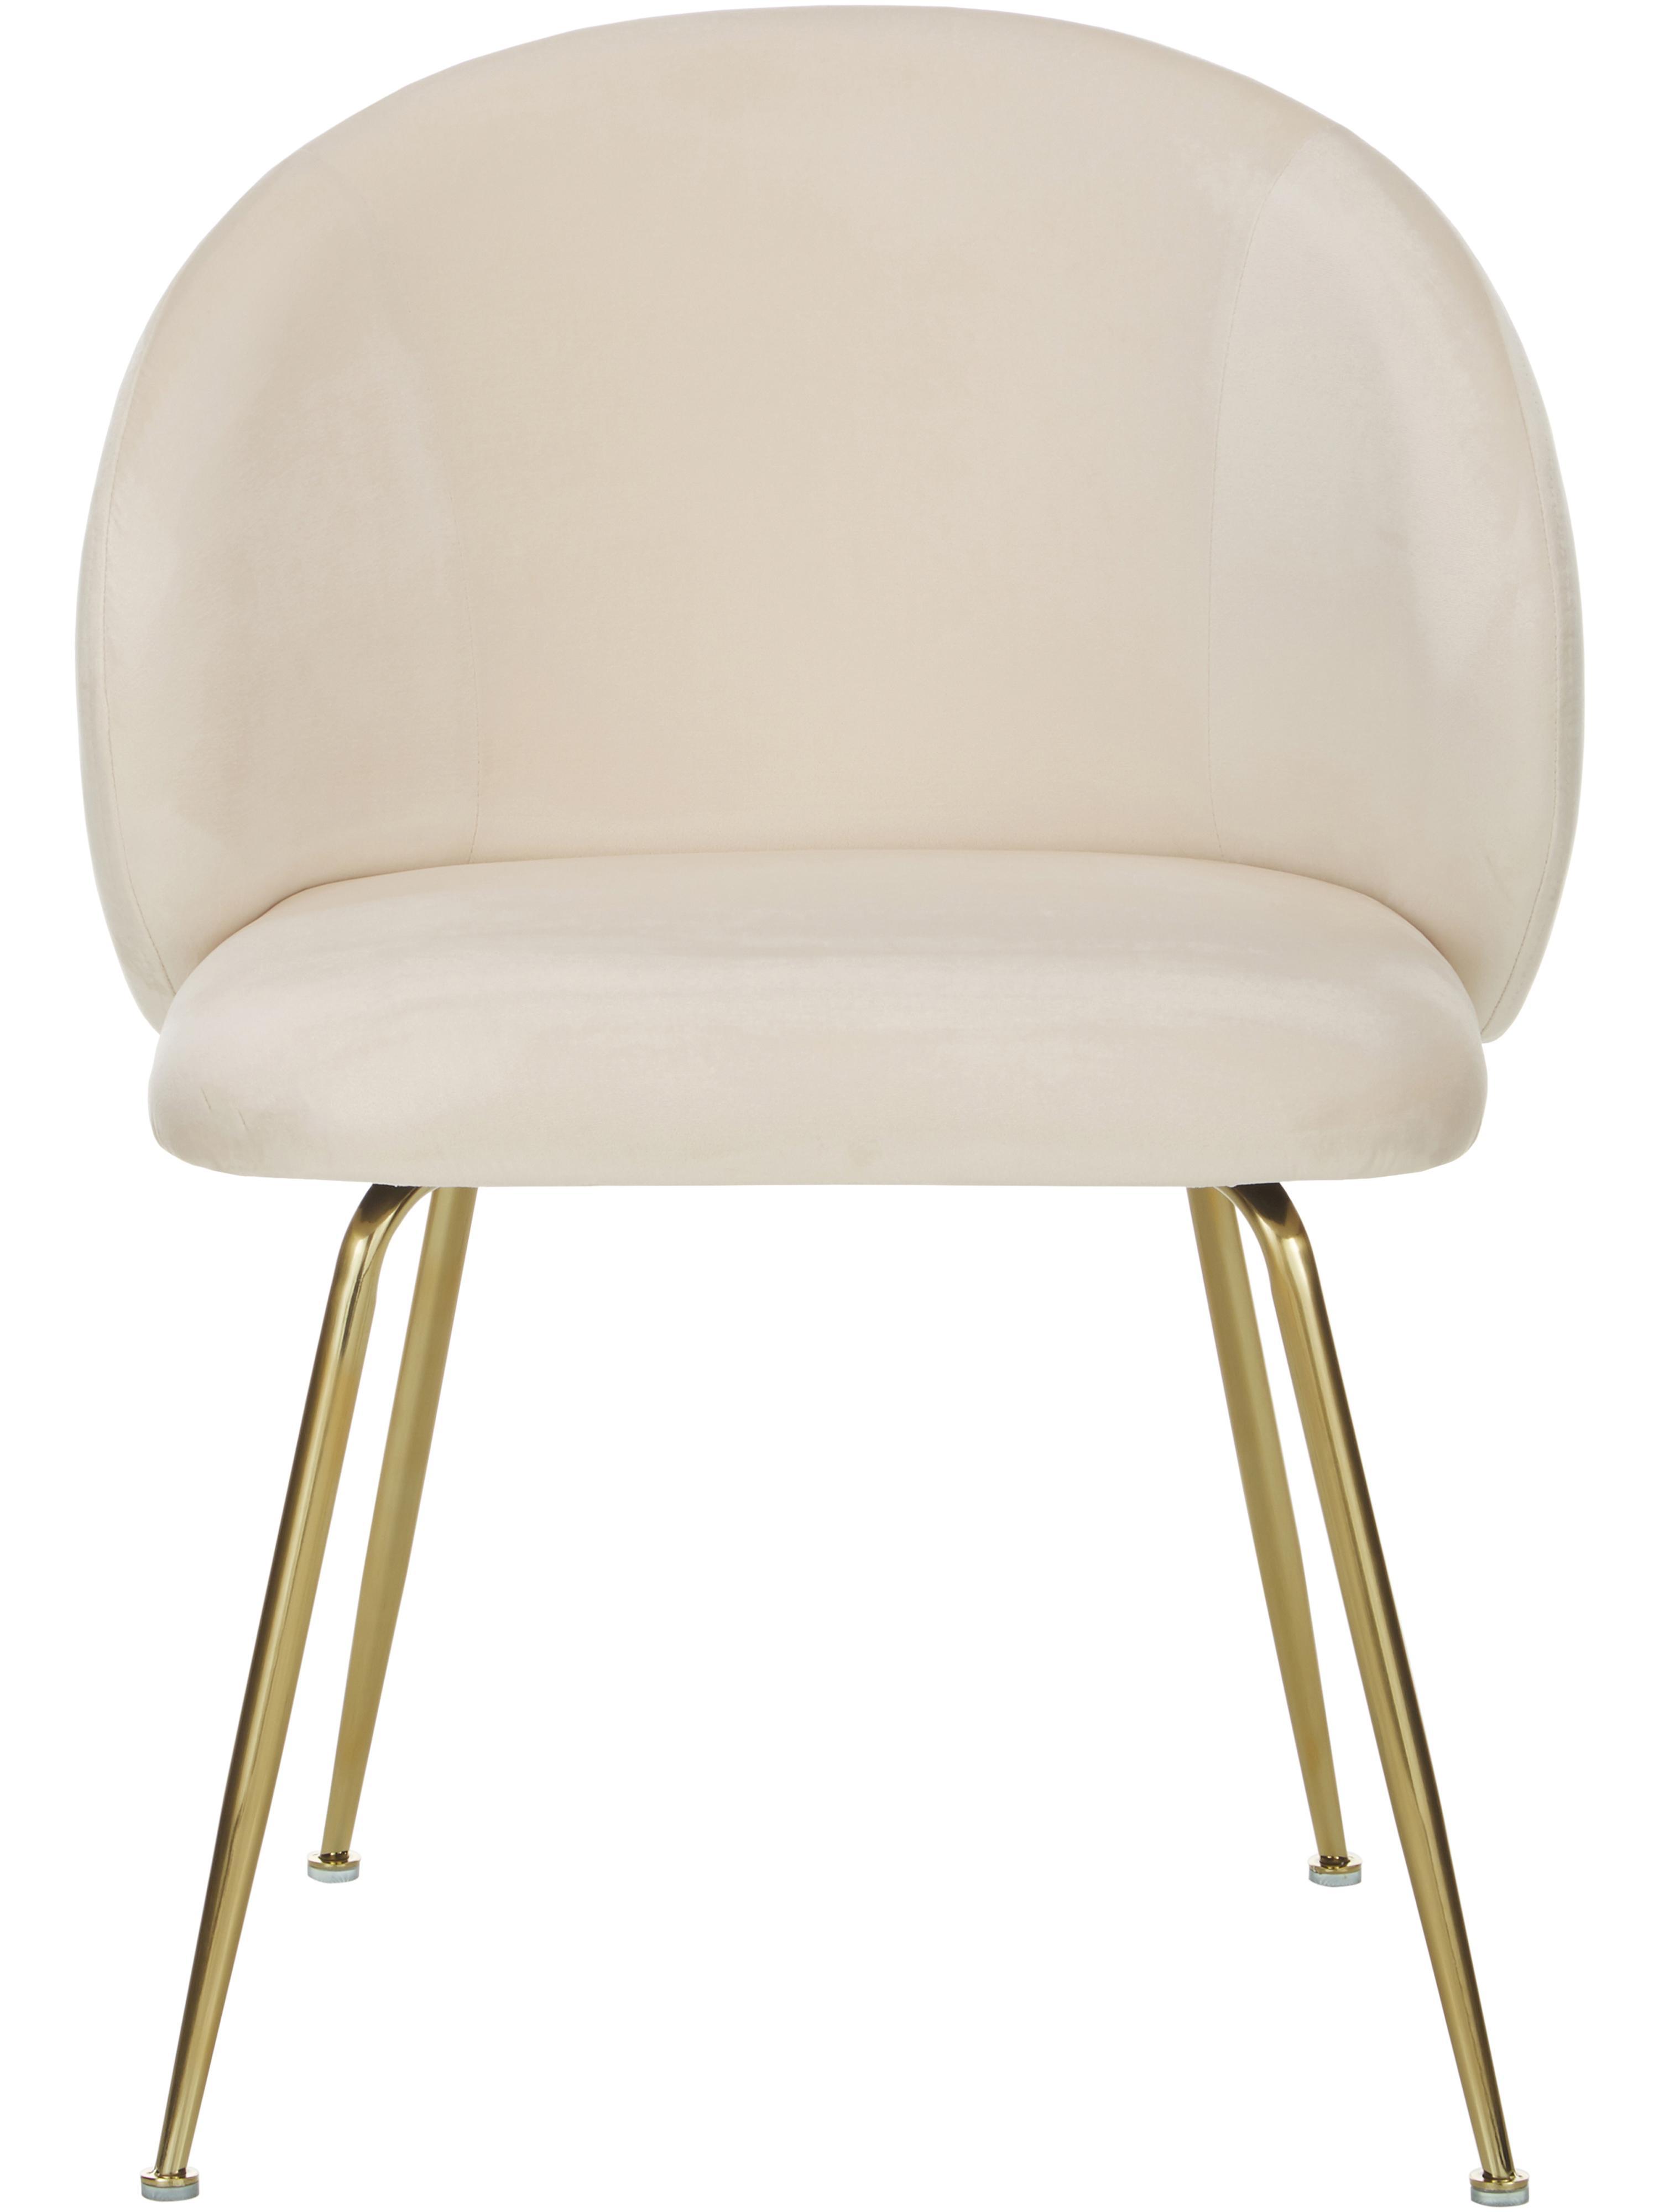 Krzesło tapicerowane z aksamitu Luisa, 2 szt., Nogi: metal lakierowany, Aksamitny kremowobiały, złoty, S 61 x G 58 cm